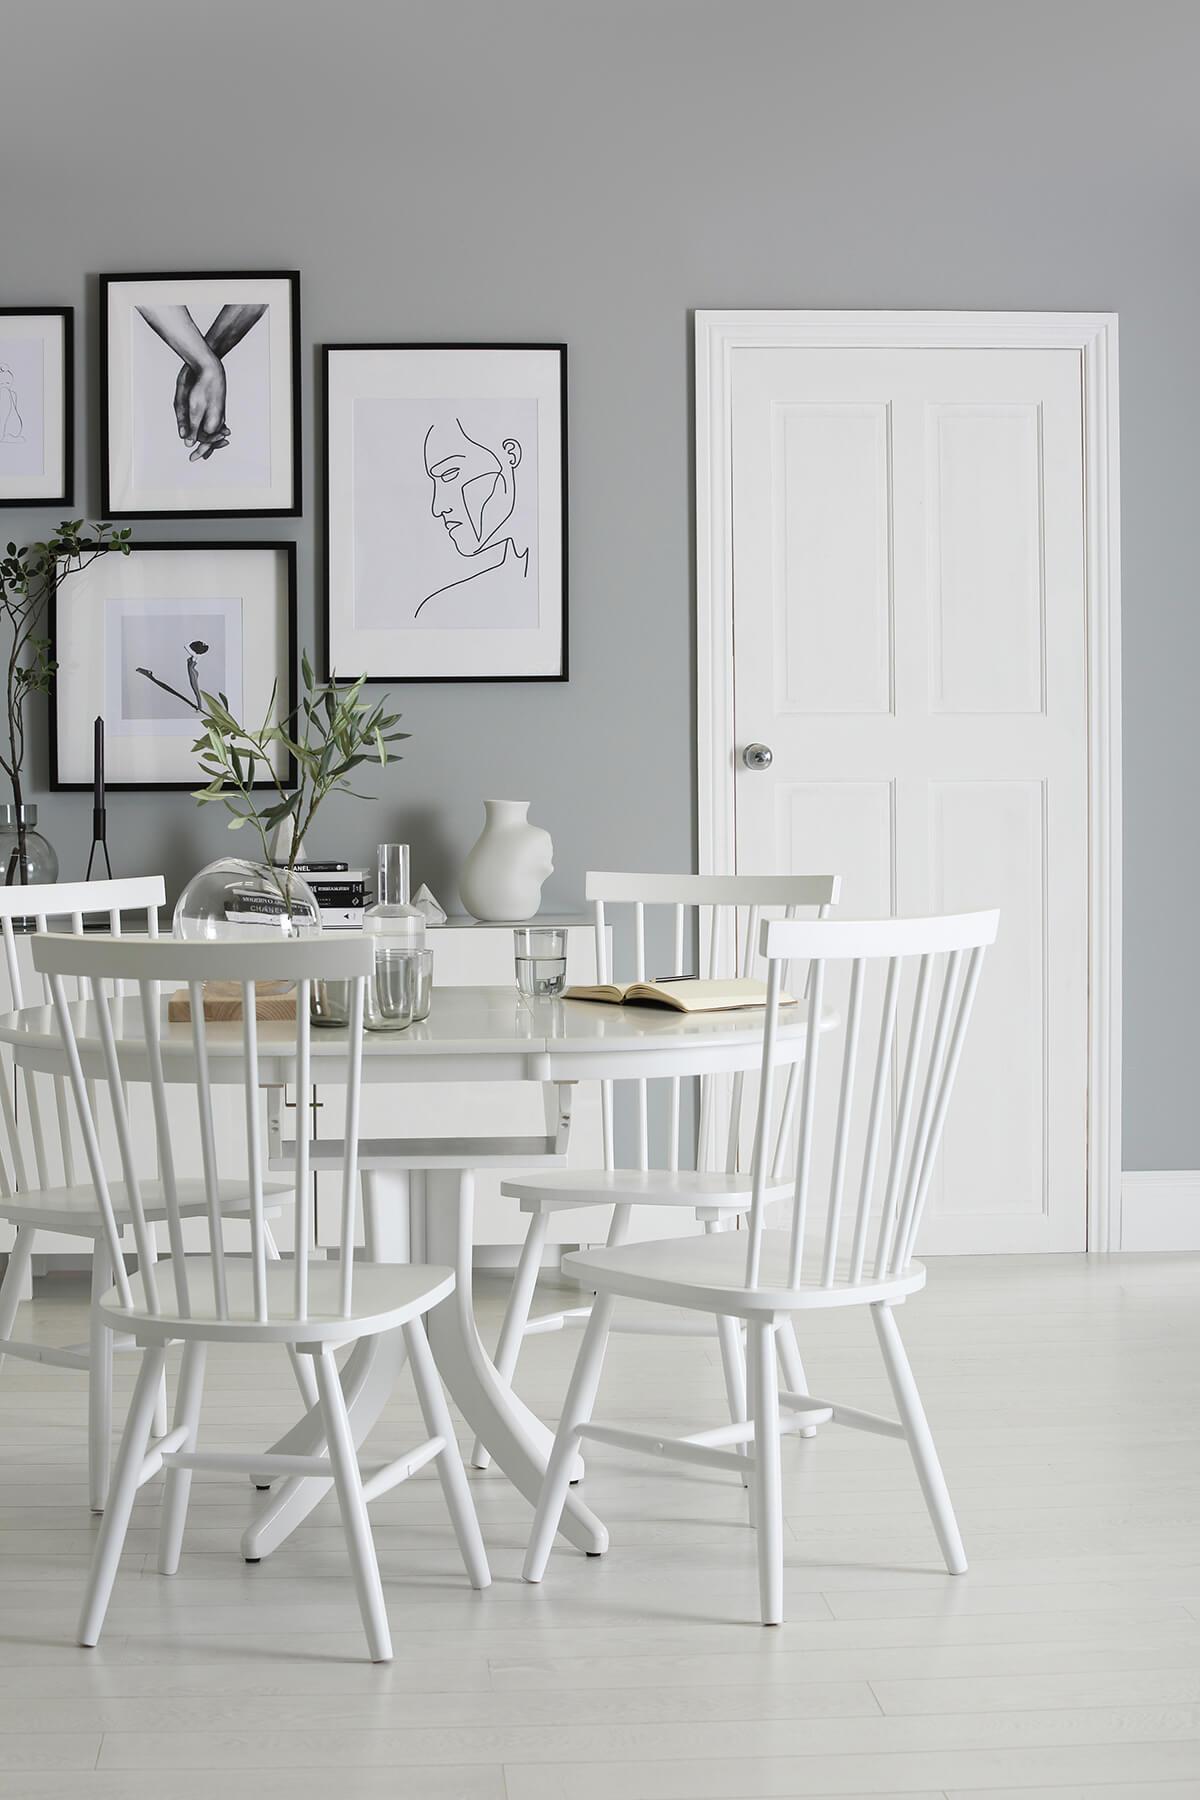 Hudson Round Extending Dining Table - White 90-120cm